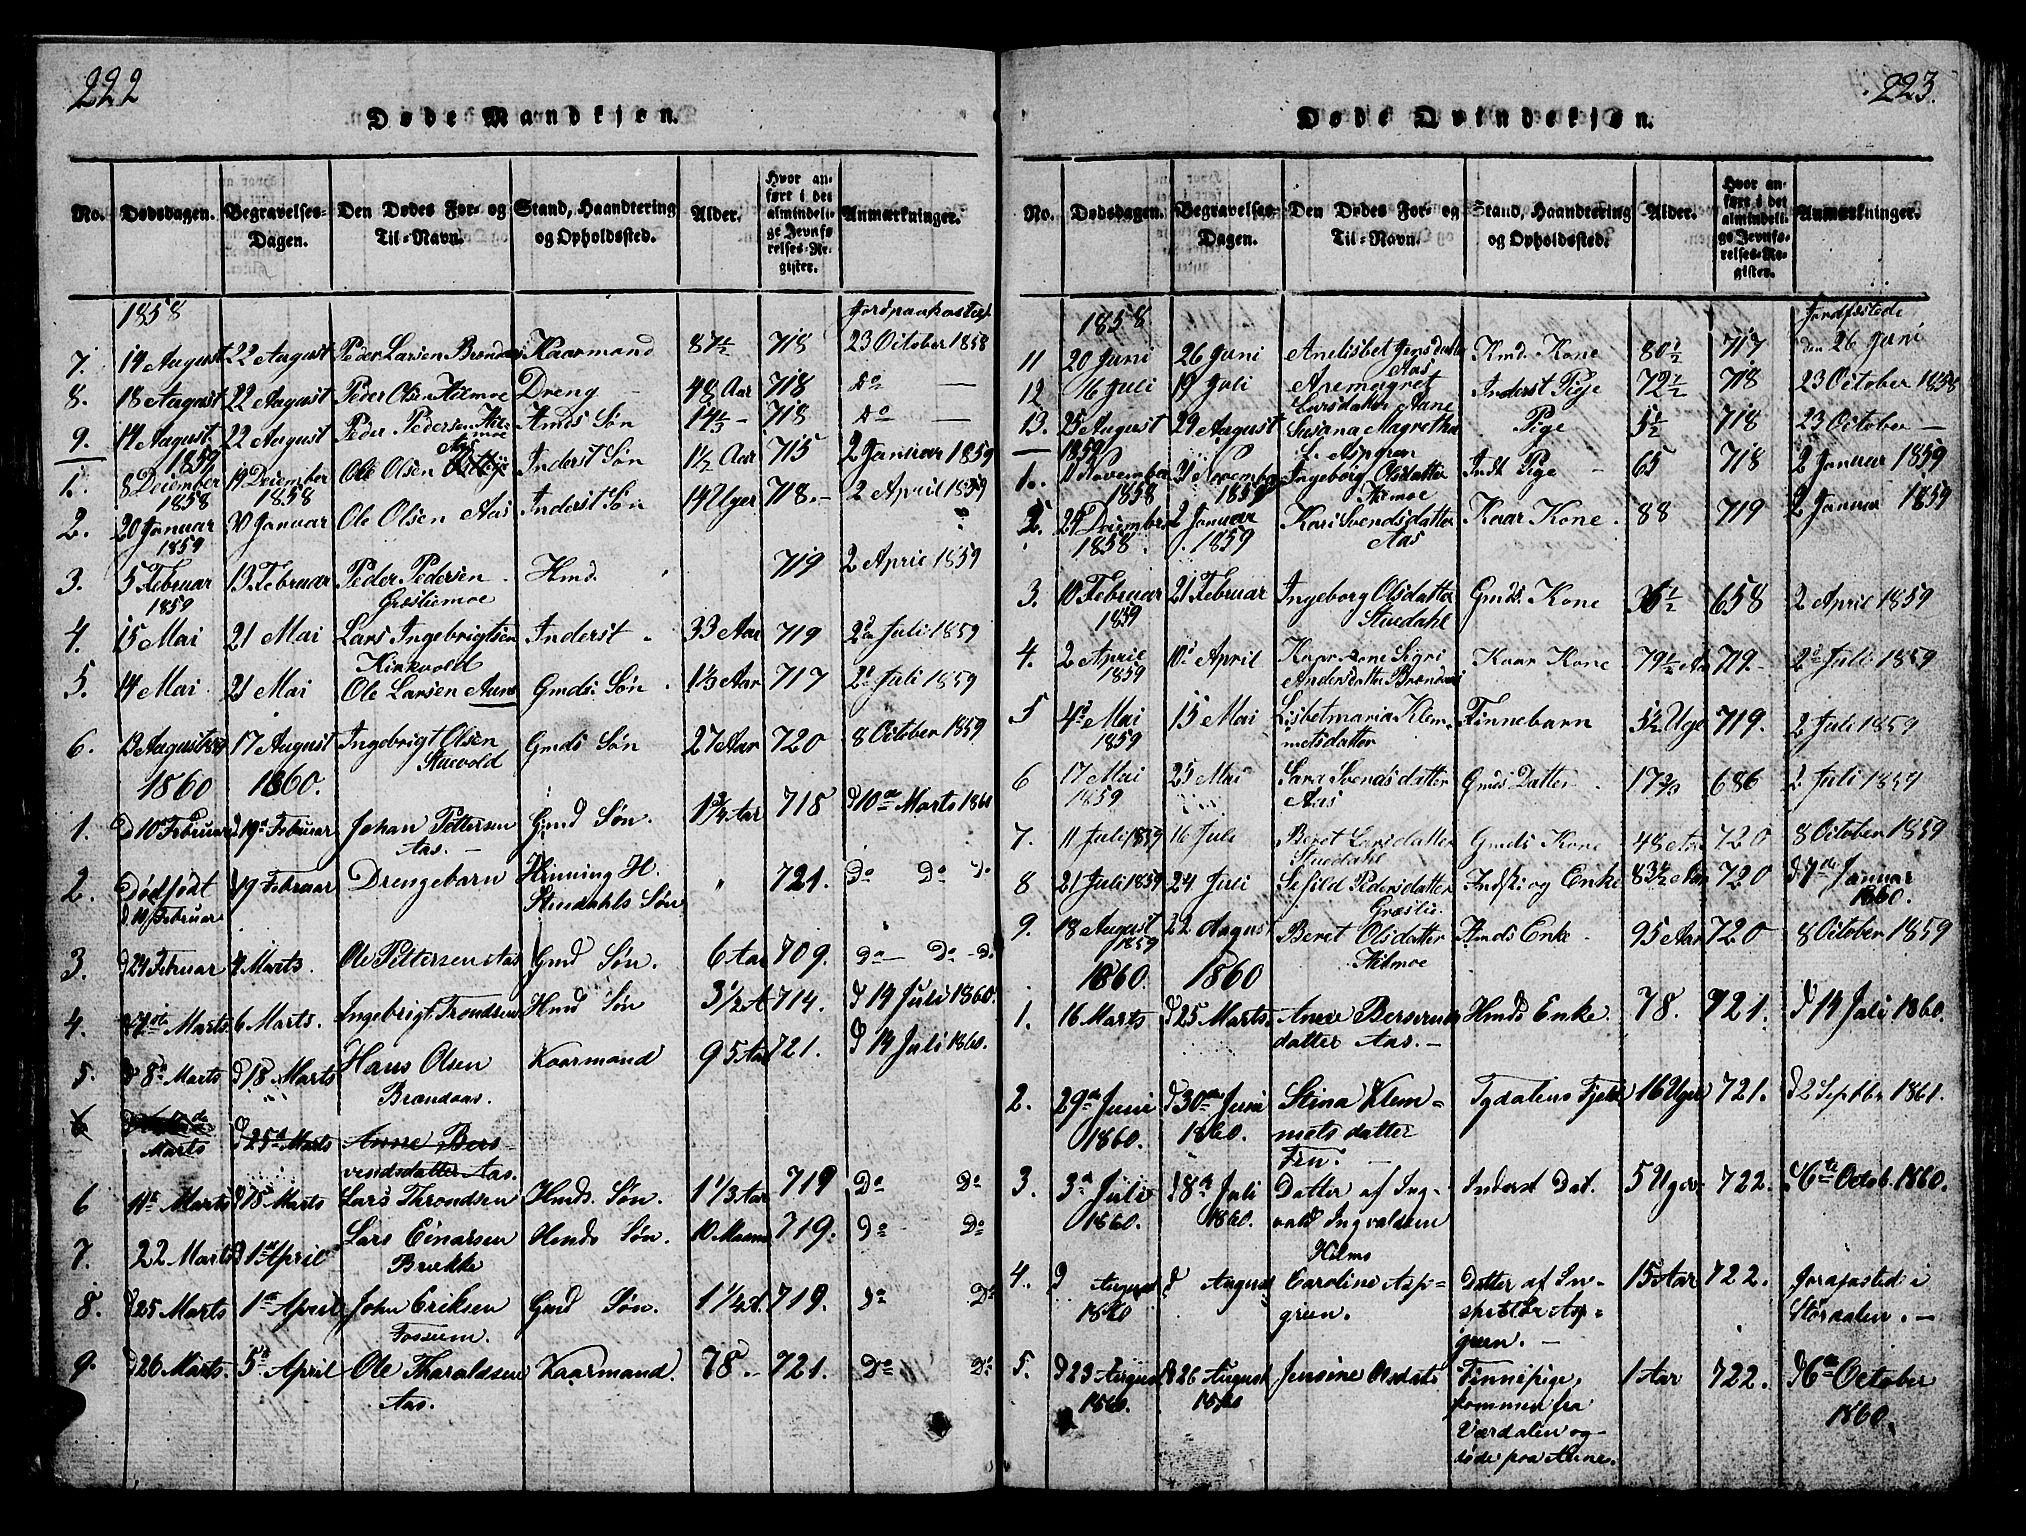 SAT, Ministerialprotokoller, klokkerbøker og fødselsregistre - Sør-Trøndelag, 698/L1164: Klokkerbok nr. 698C01, 1816-1861, s. 222-223